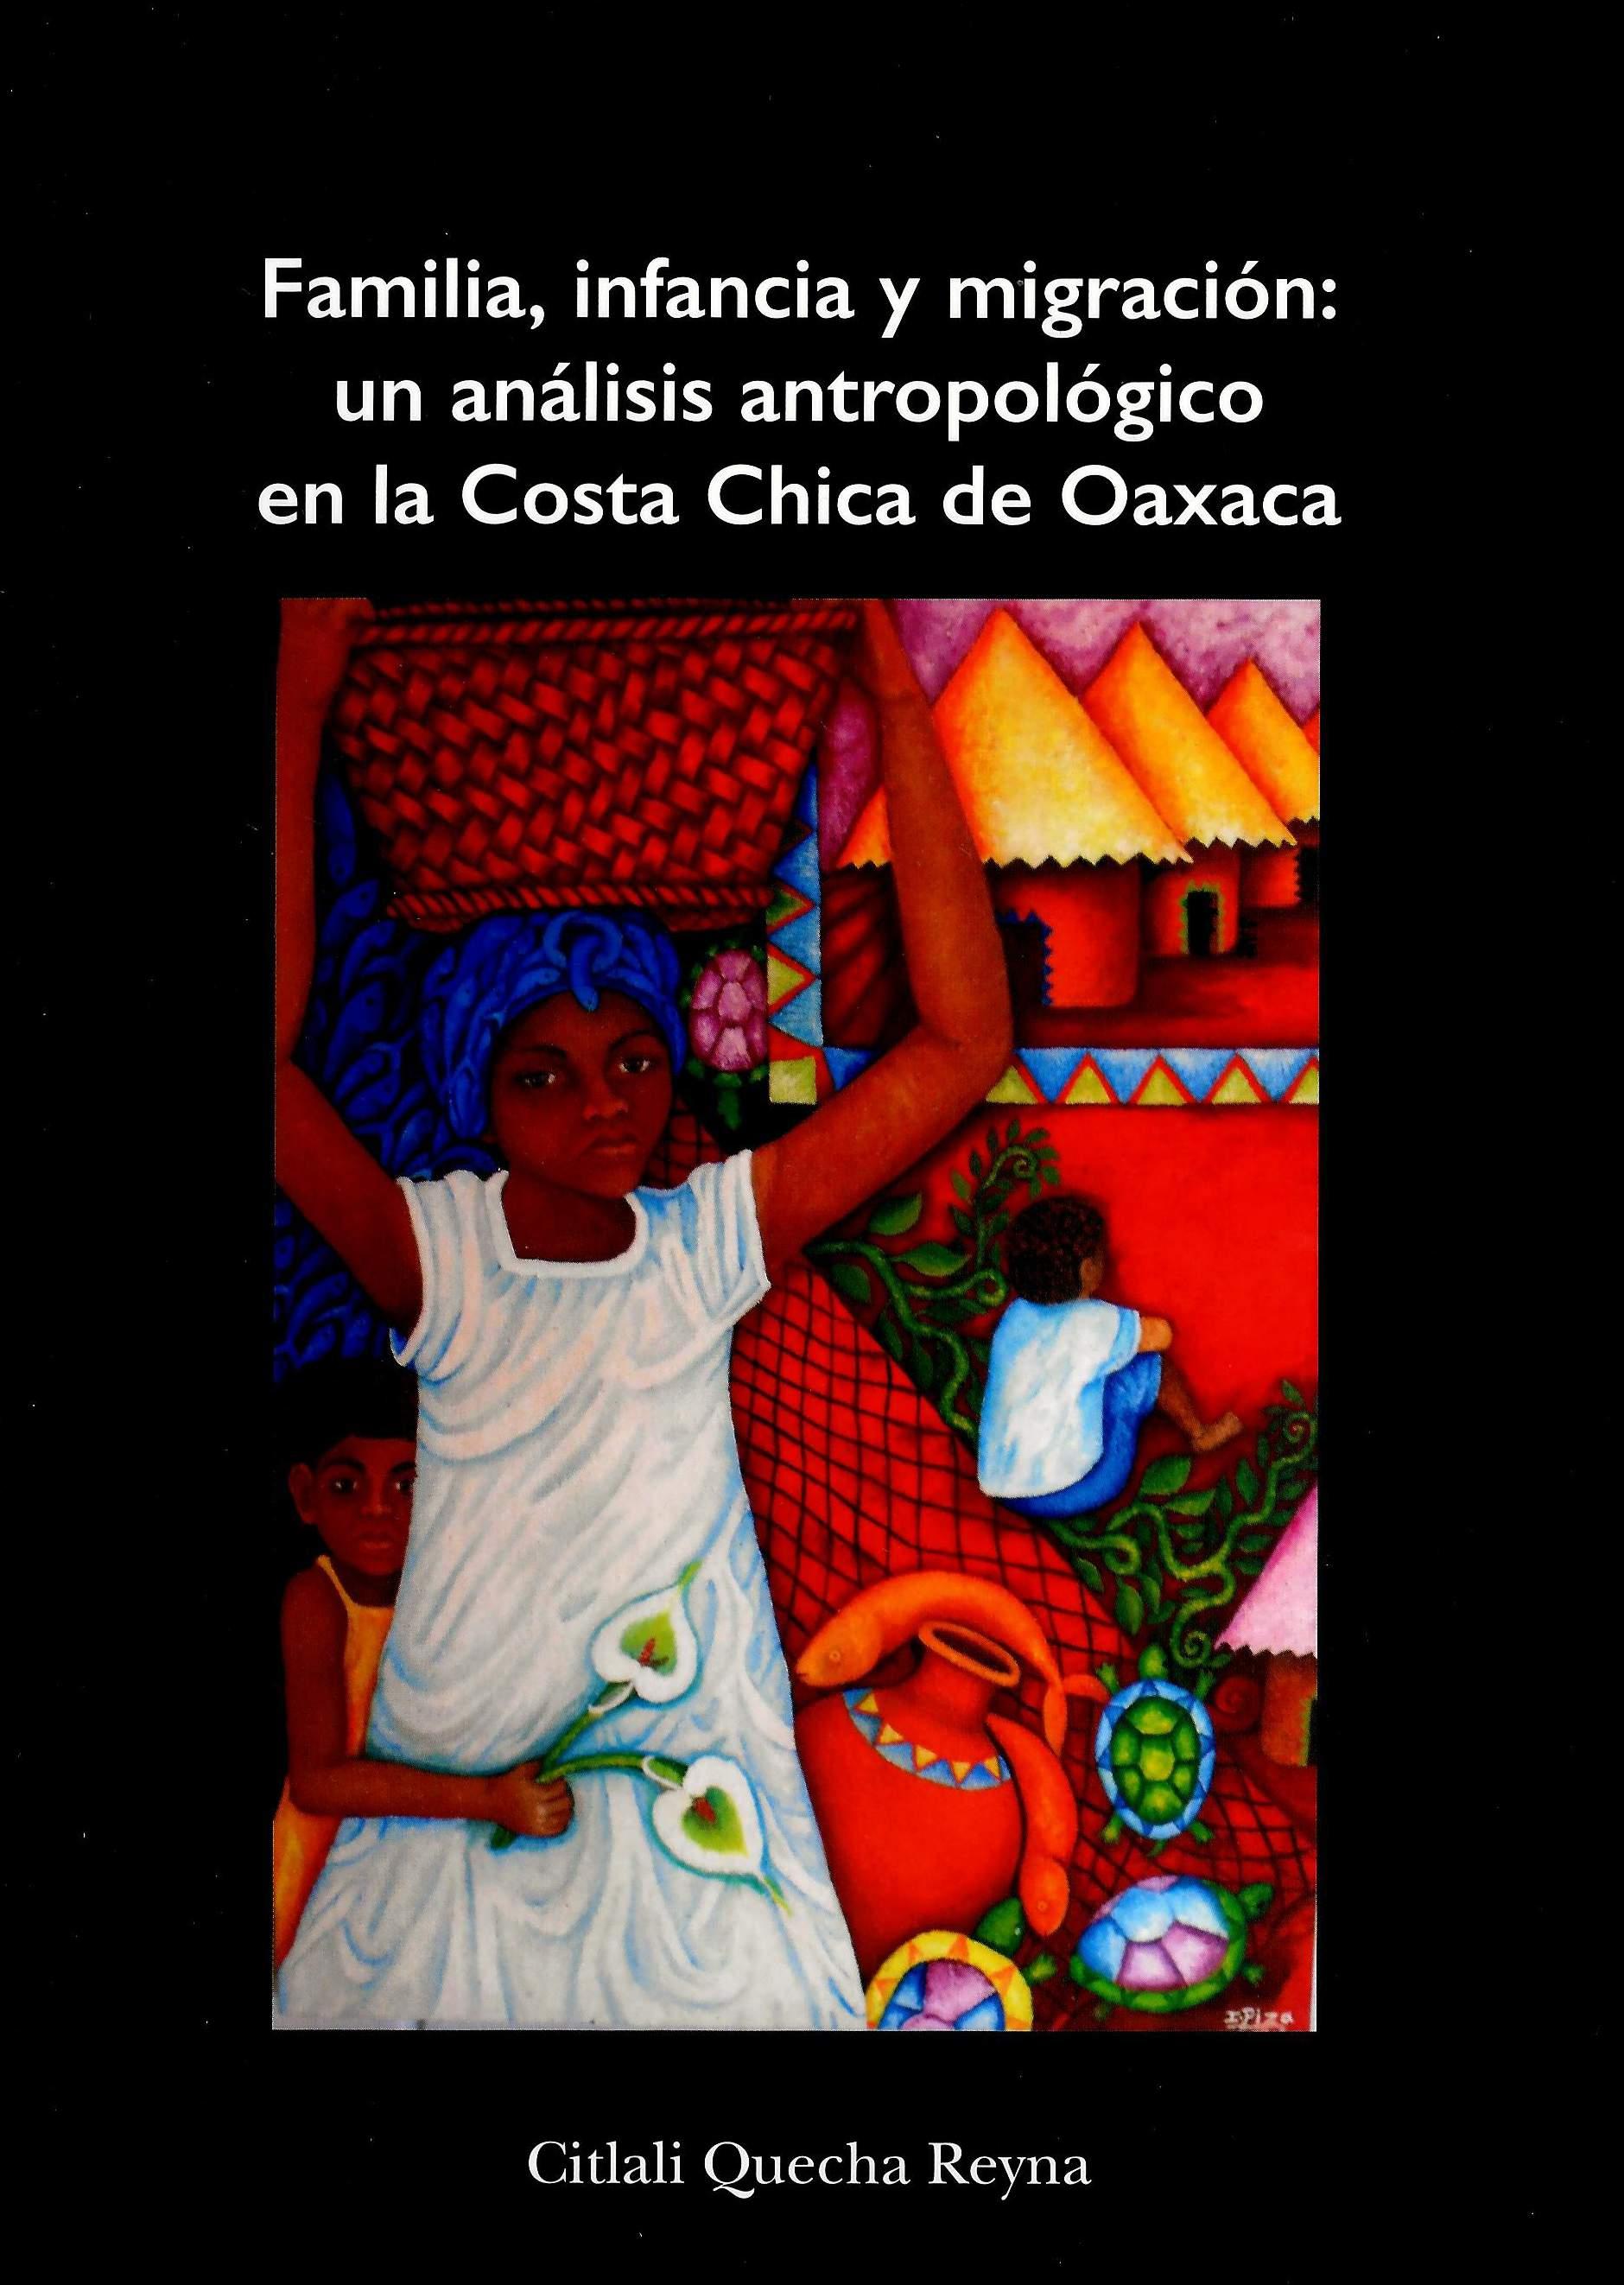 Familia, infancia y migración: un análisis antropológico en la Costa Chica de Oaxaca